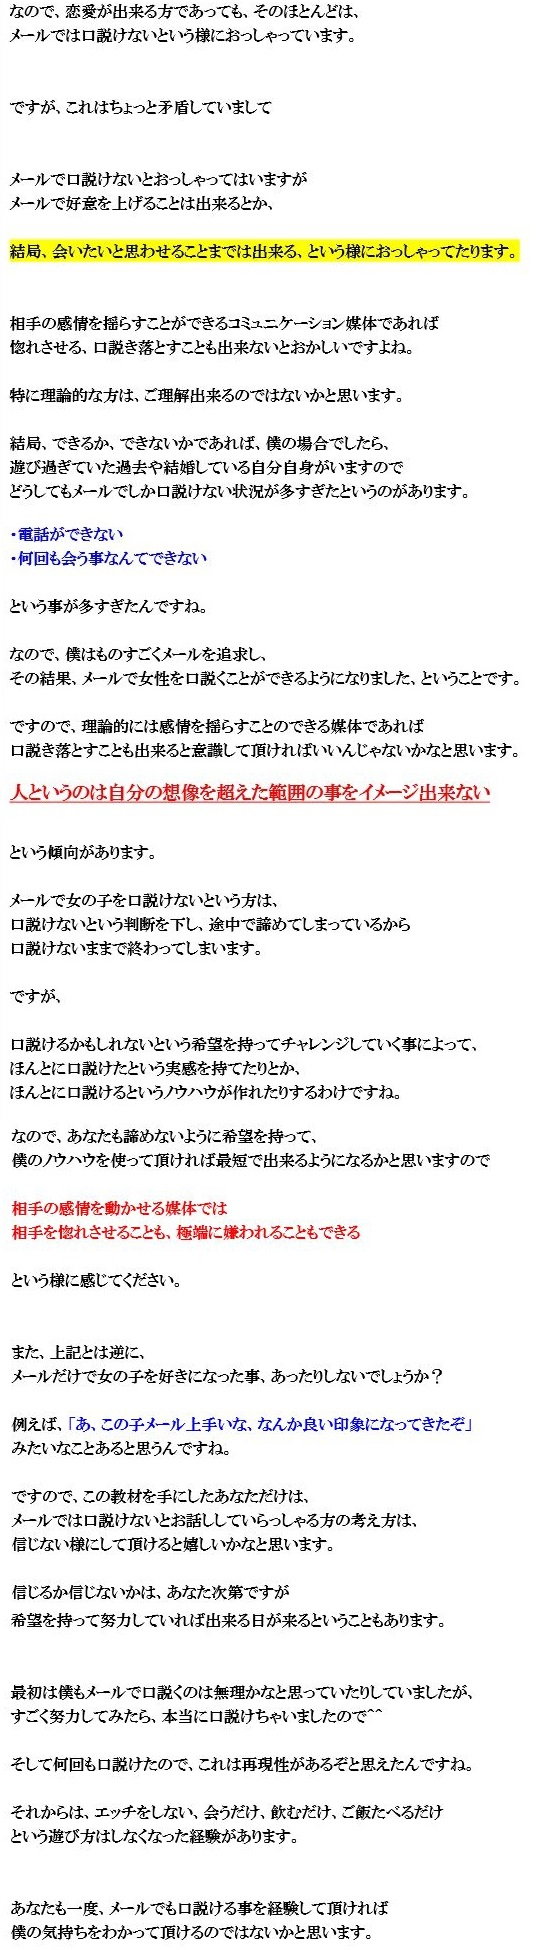 藤村勇気のメール術の内容を一部公開